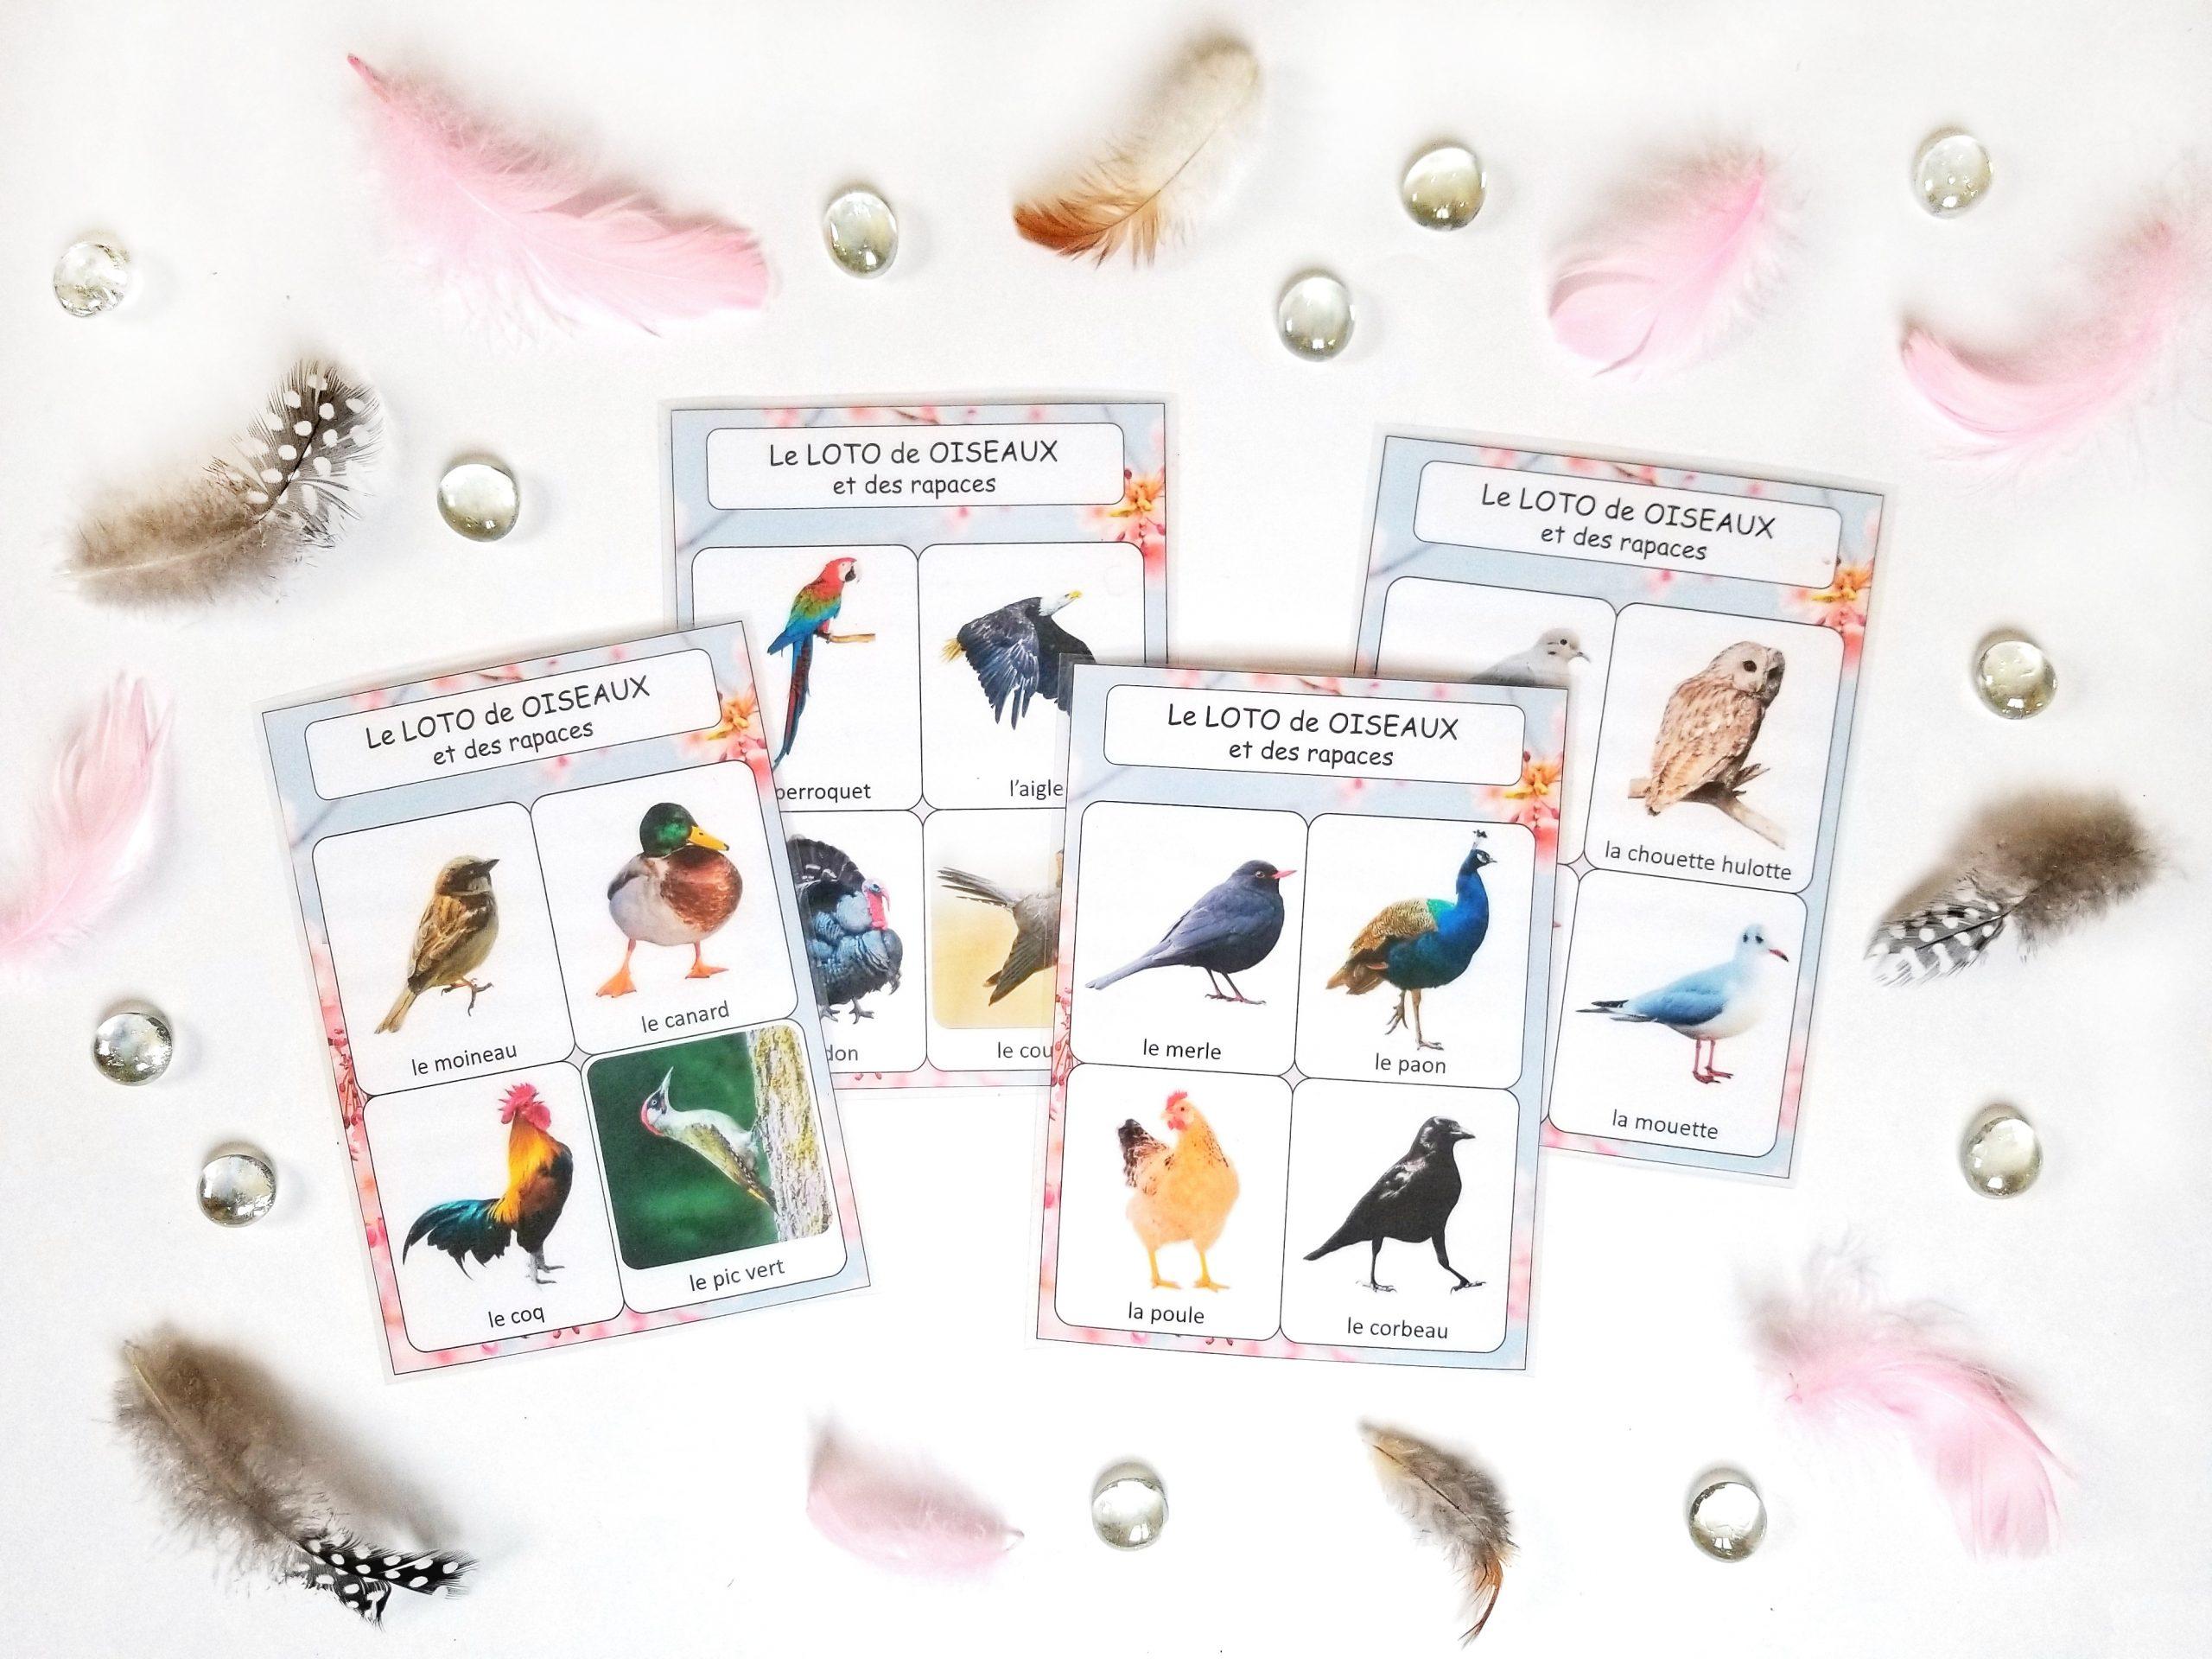 Loto sonore des chants des oiseaux et des rapaces, reconnaître les chants d'oiseaux, identification chants d'oiseaux